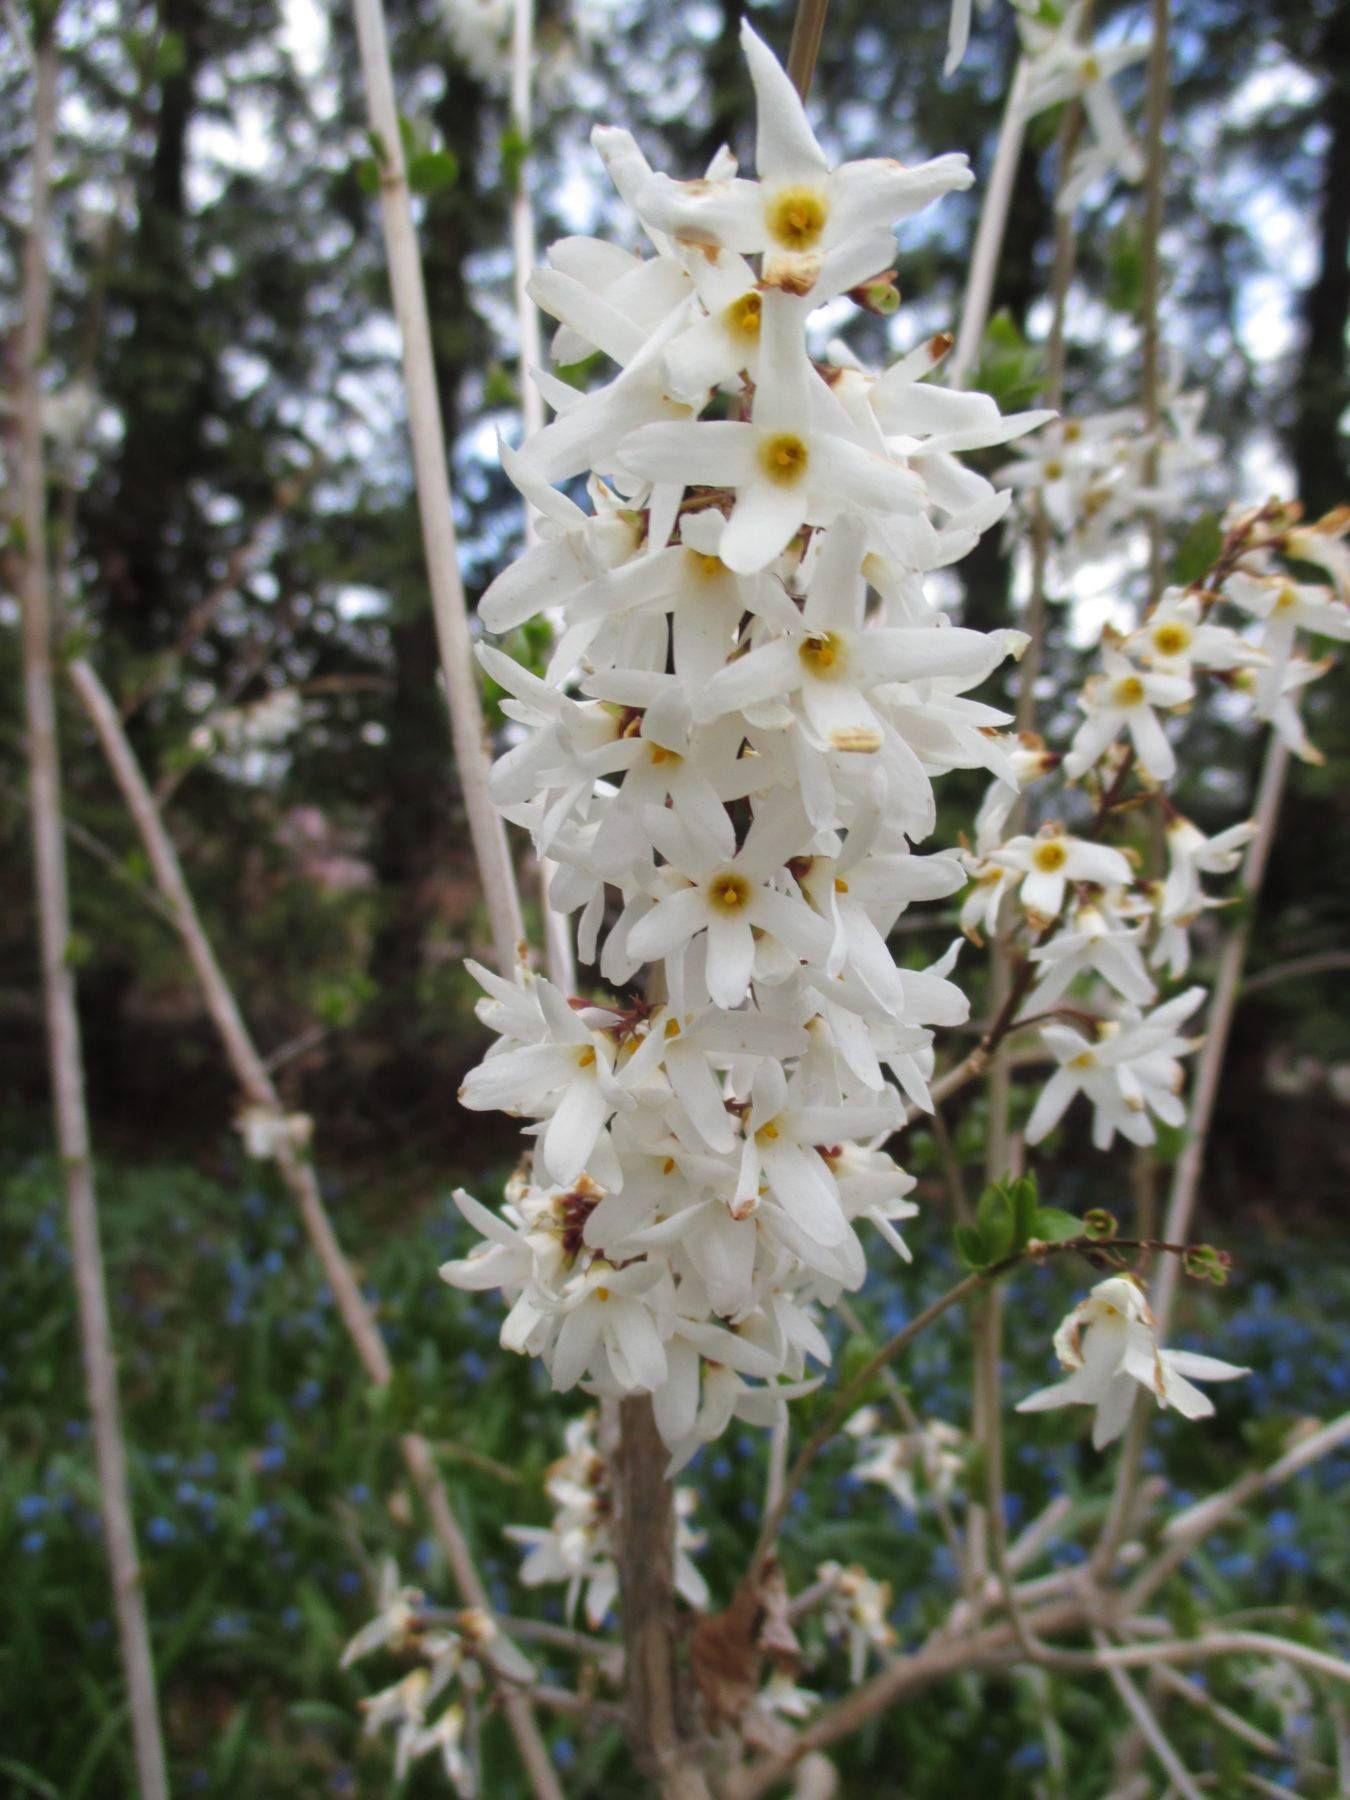 Abeliophyllum Distichum White Forsythia The Small White Flowers